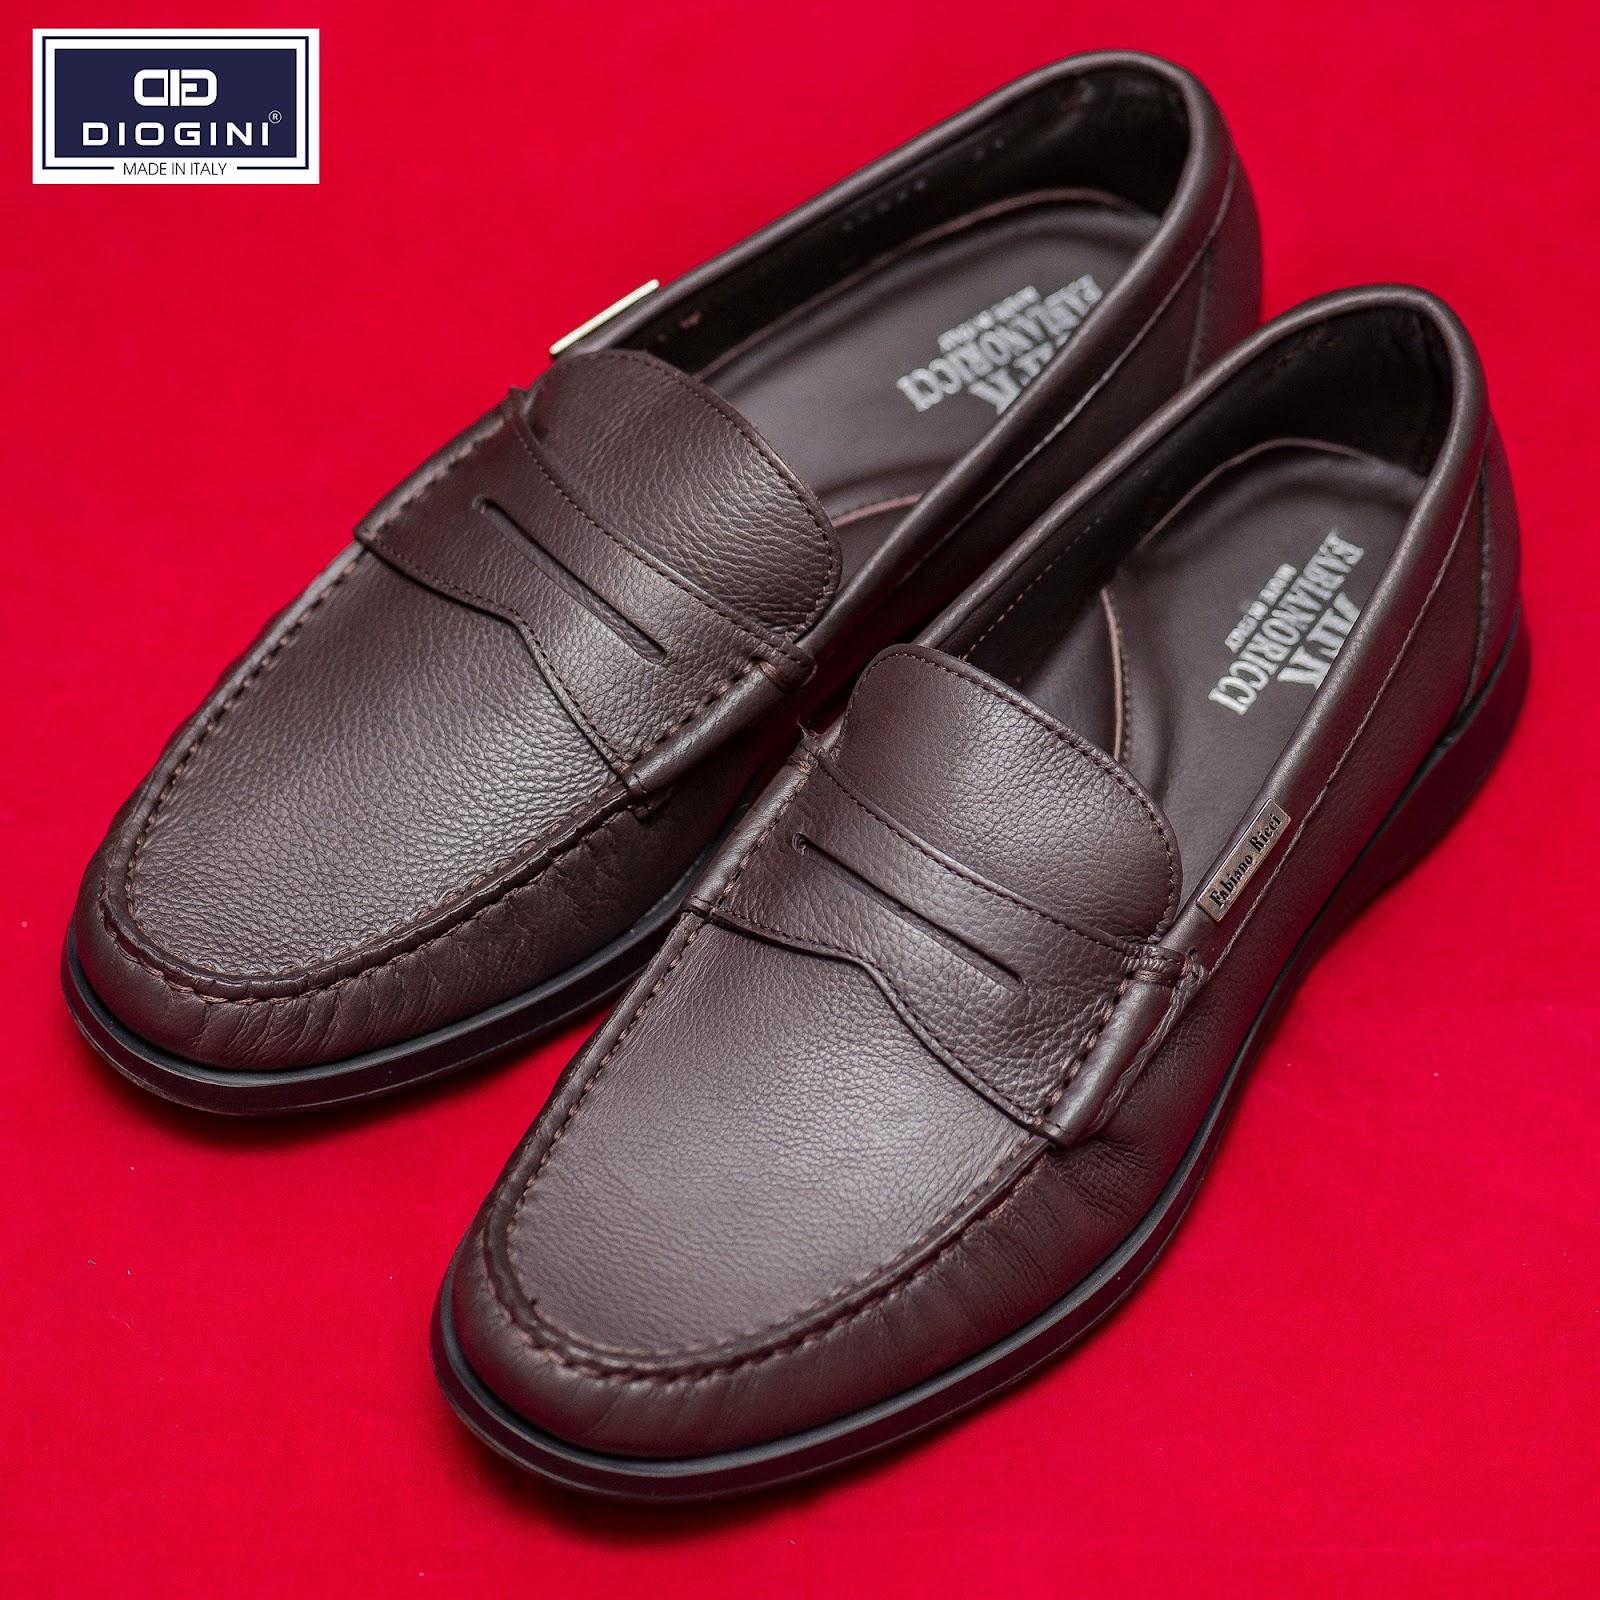 Penny Loafer - dáng giày lười khởi nguồn thời trang cổ điển giày da nam